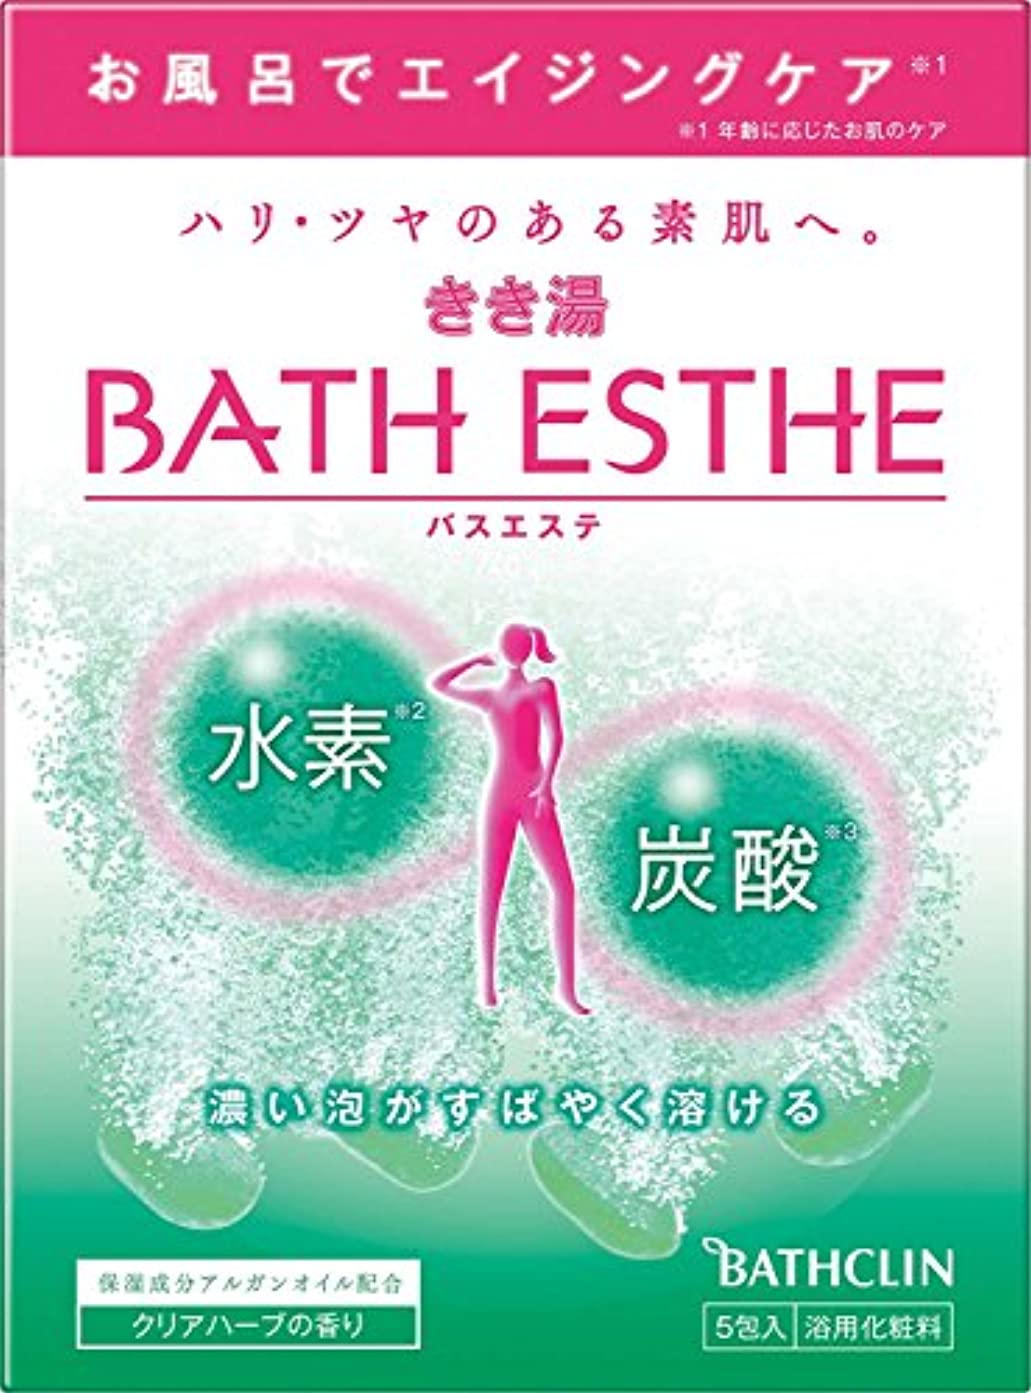 裏切る自然たまにきき湯バスエステ炭酸水素入浴剤 クリアハーブの香り50g×5包入り 入浴剤 発泡タイプ 個包装